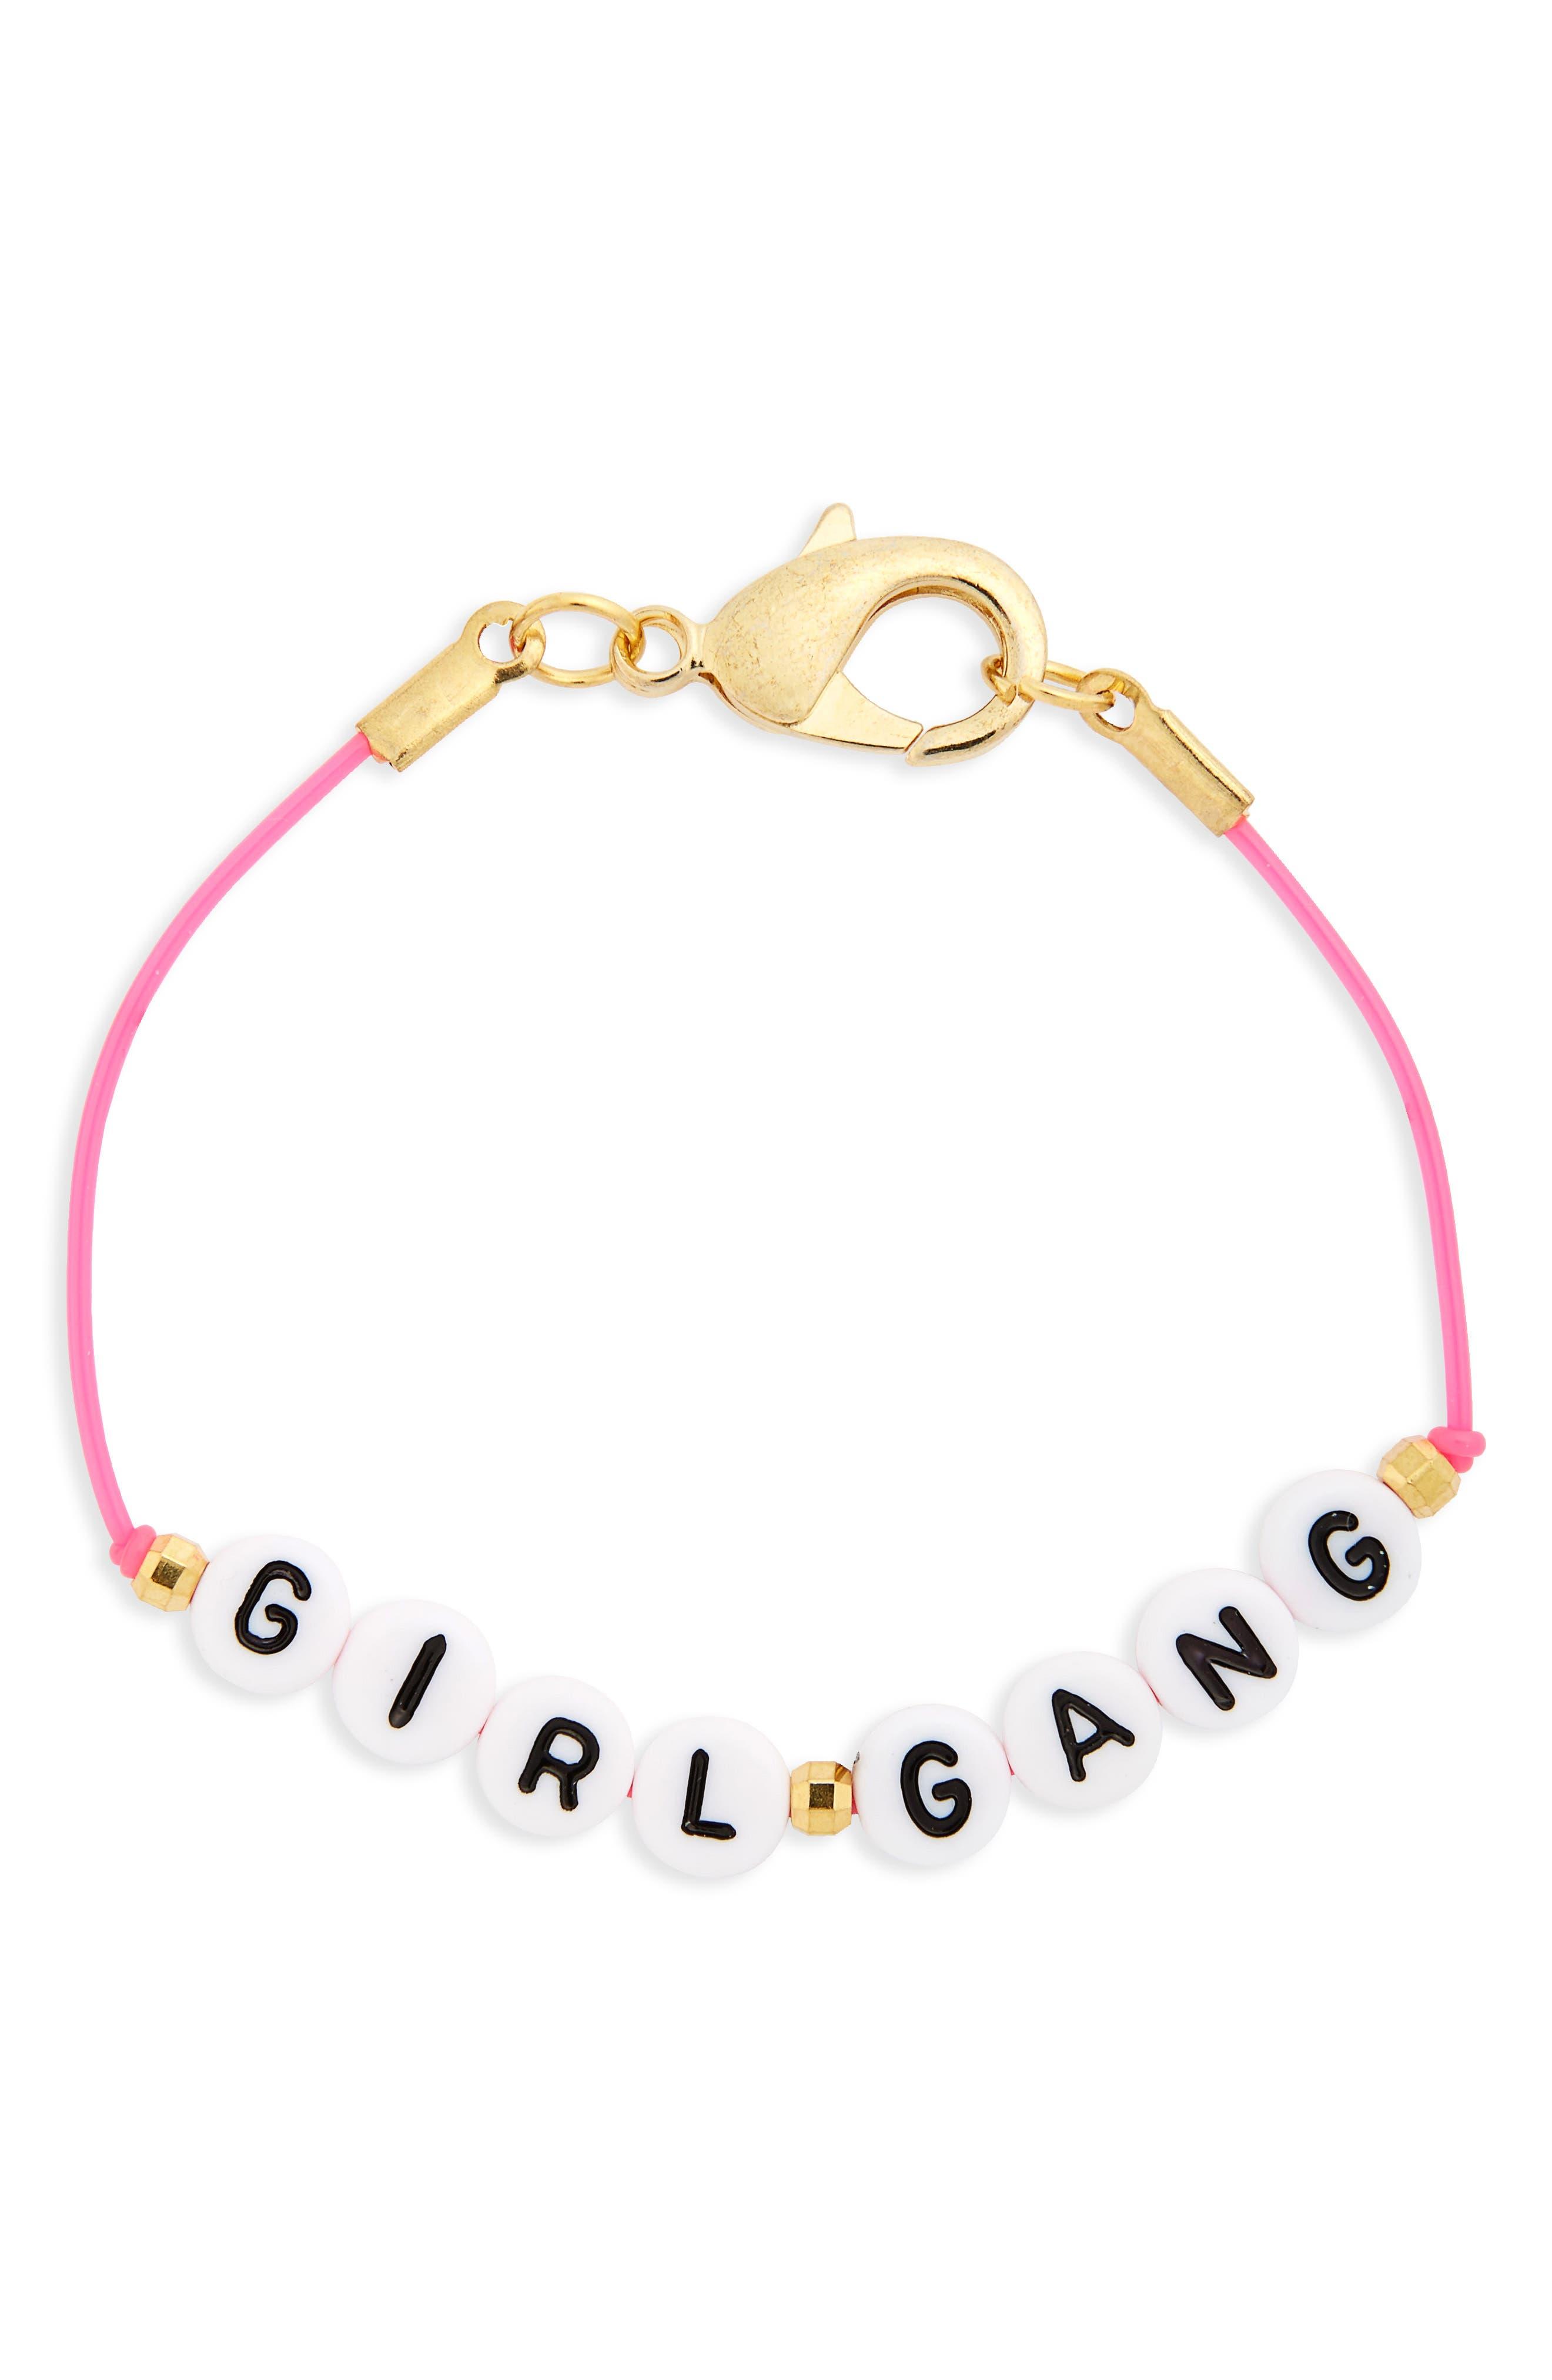 RYAN PORTER Girl Gang Cord Bracelet